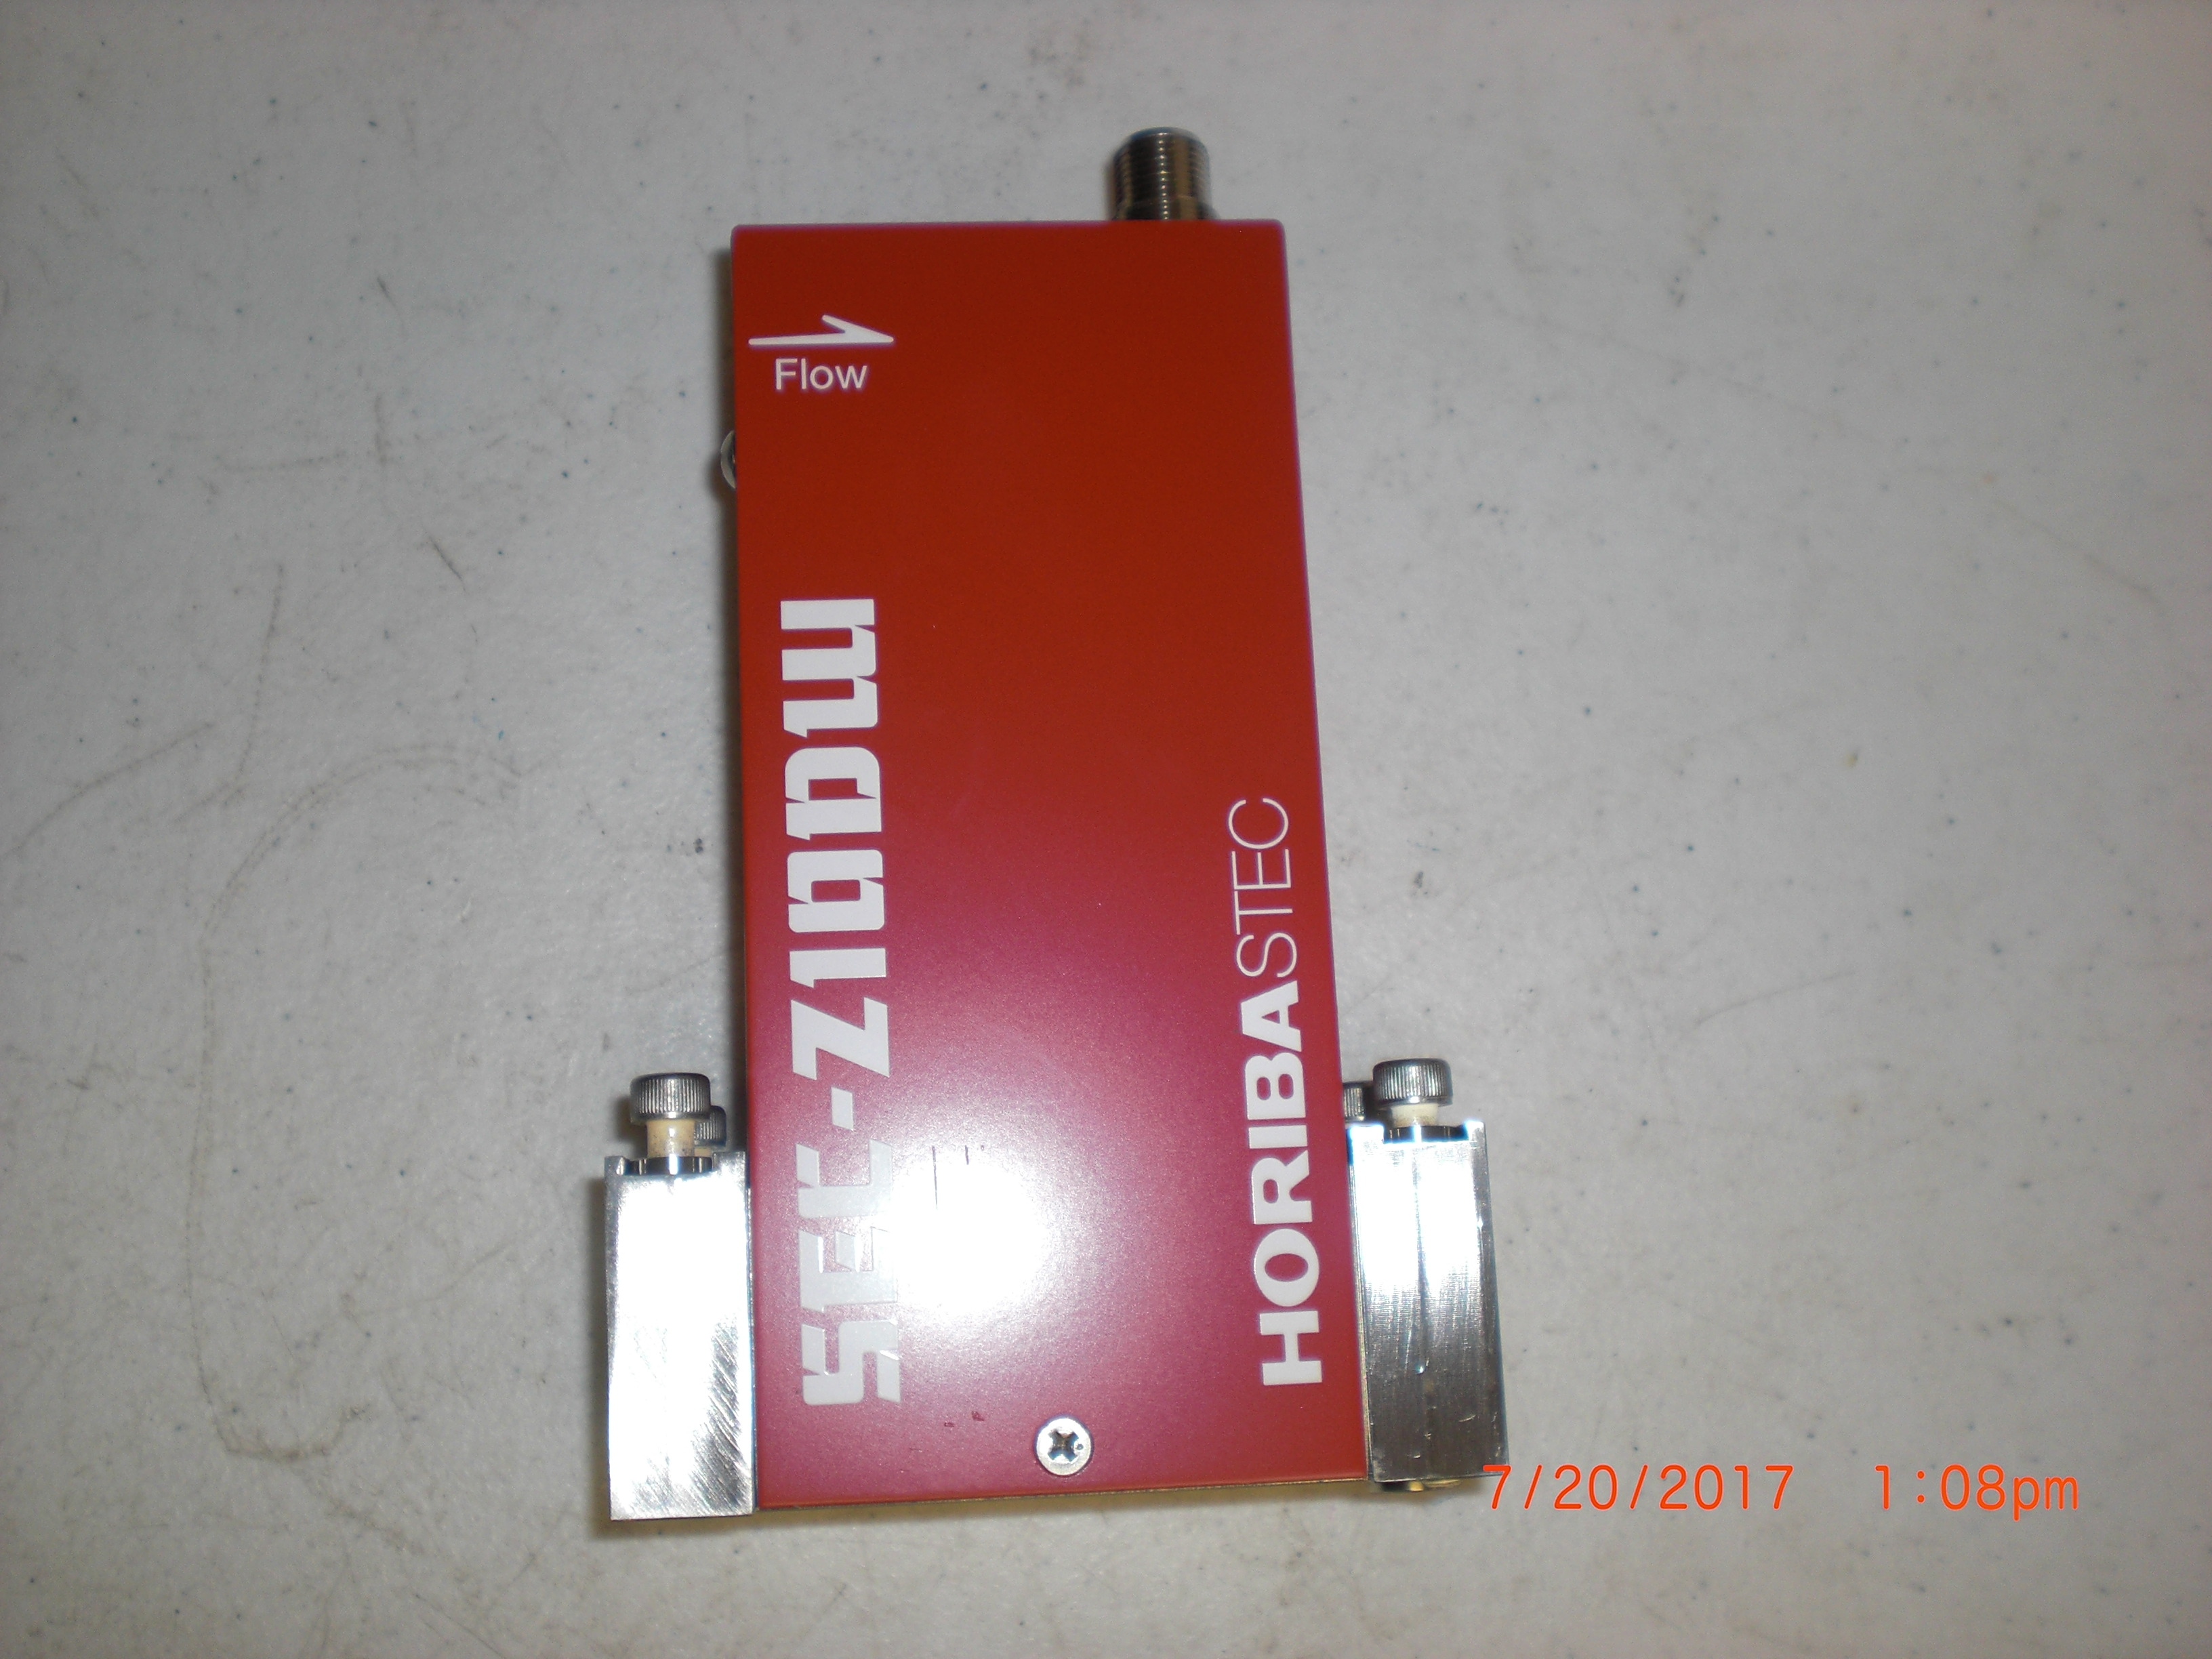 MFC HOREBIA / STEC SEC-Z12DWM-HCL-500SCCM Harvested never installed System